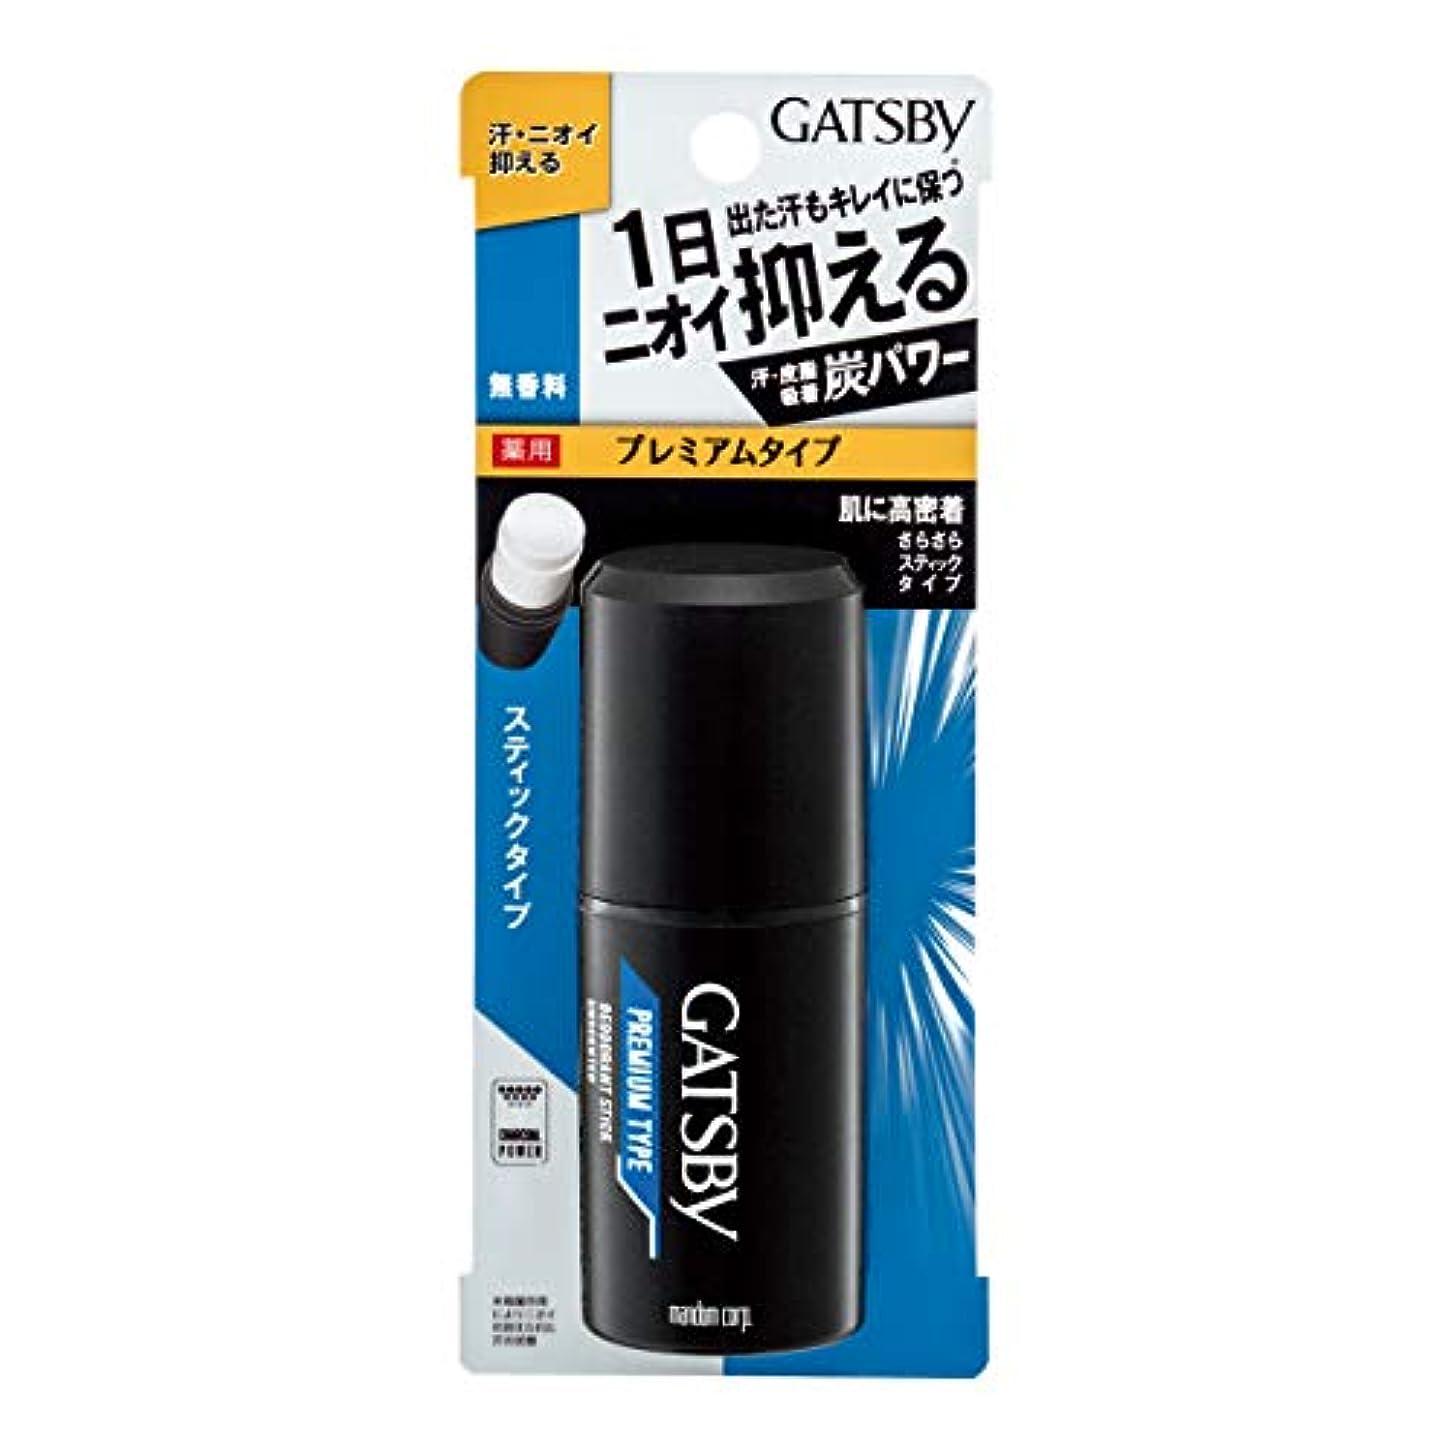 部分的に明確に生ギャツビー(GATSBY)プレミアムタイプデオドラントスティック メンズ 制汗剤 脇汗対策 無香料 15g(医薬部外品)